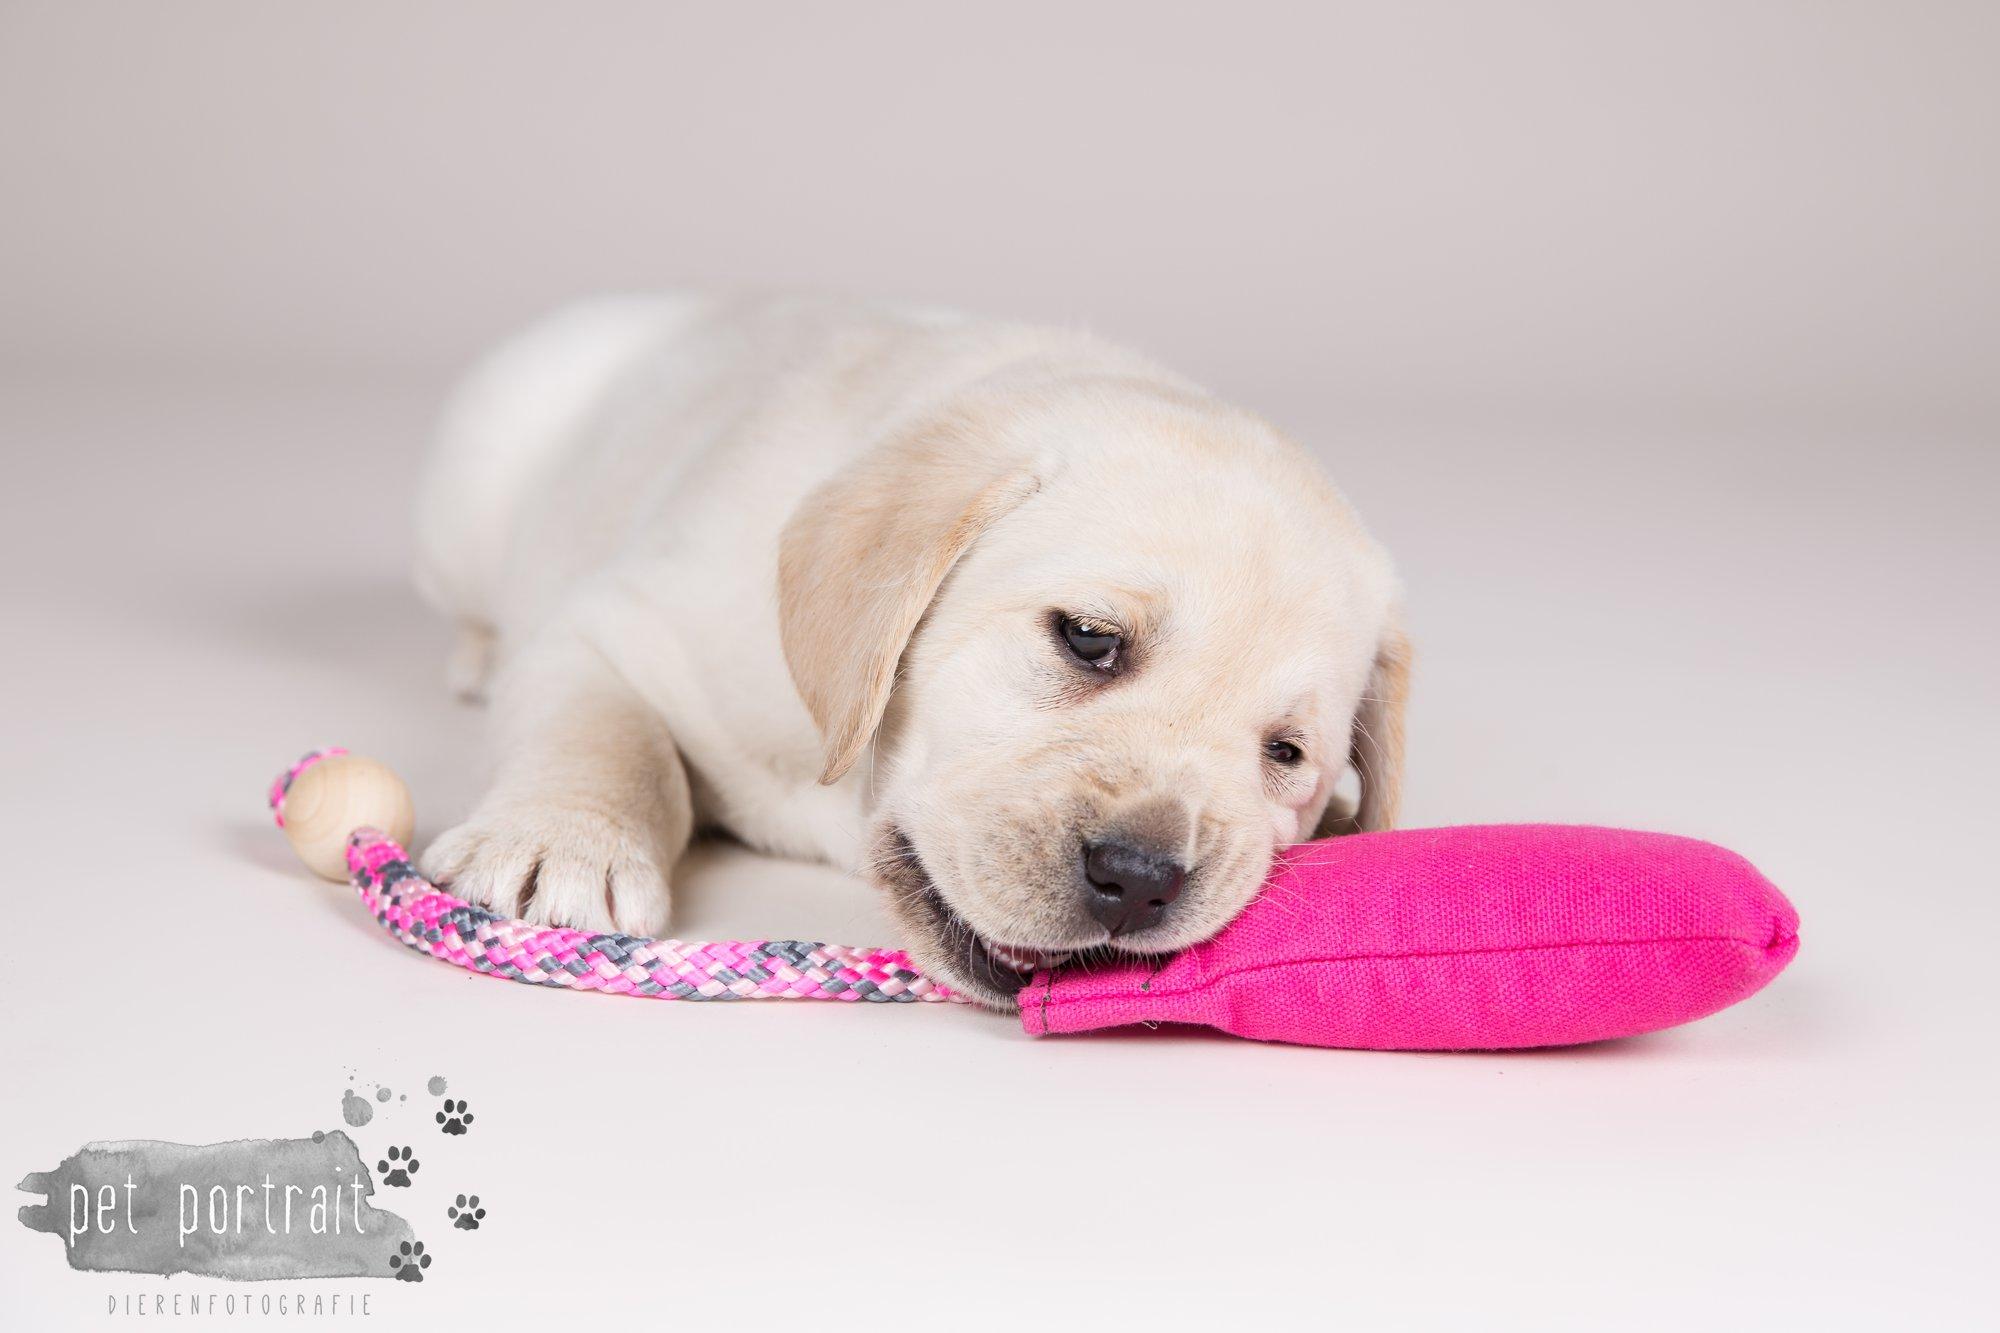 Hondenfotograaf Hillegom - Nestfotoshoot voor Labrador pups-6